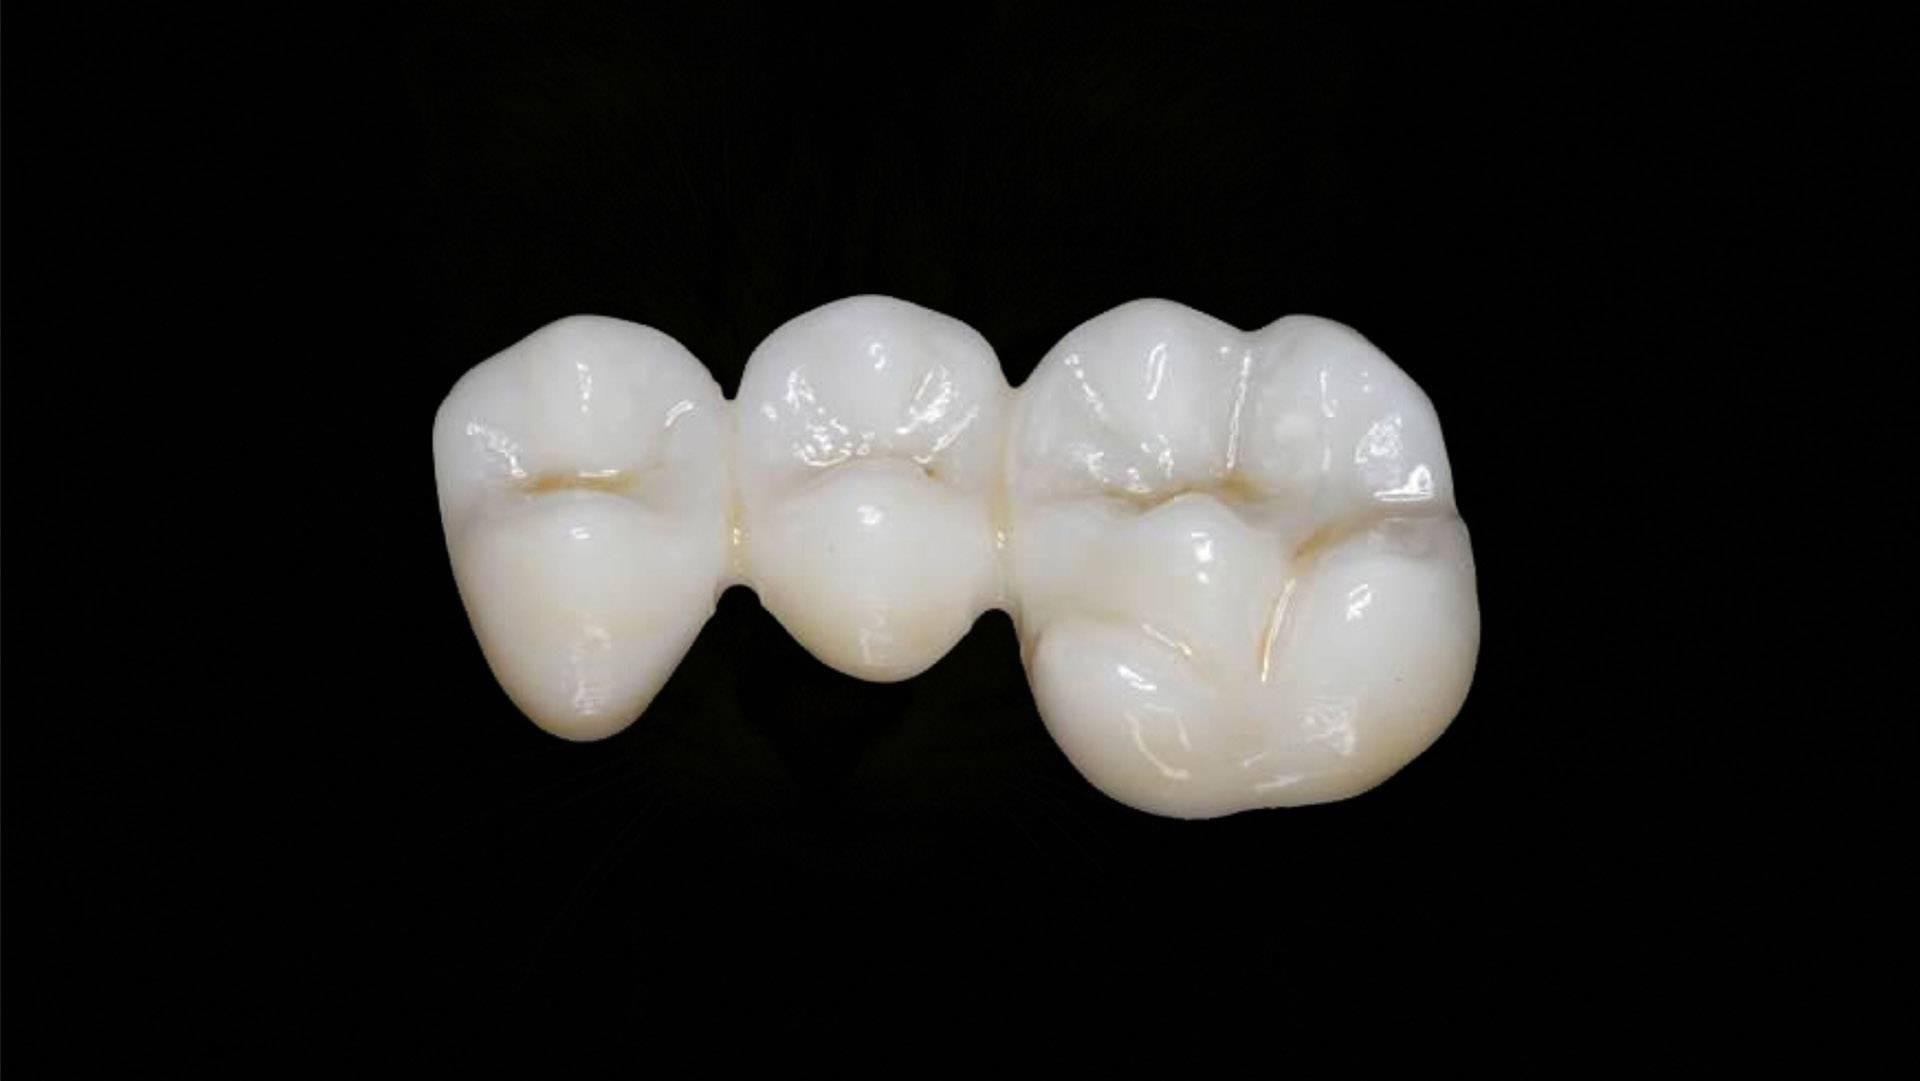 Зубной цемент для коронки: использование вещества дома, плюсы и недостатки